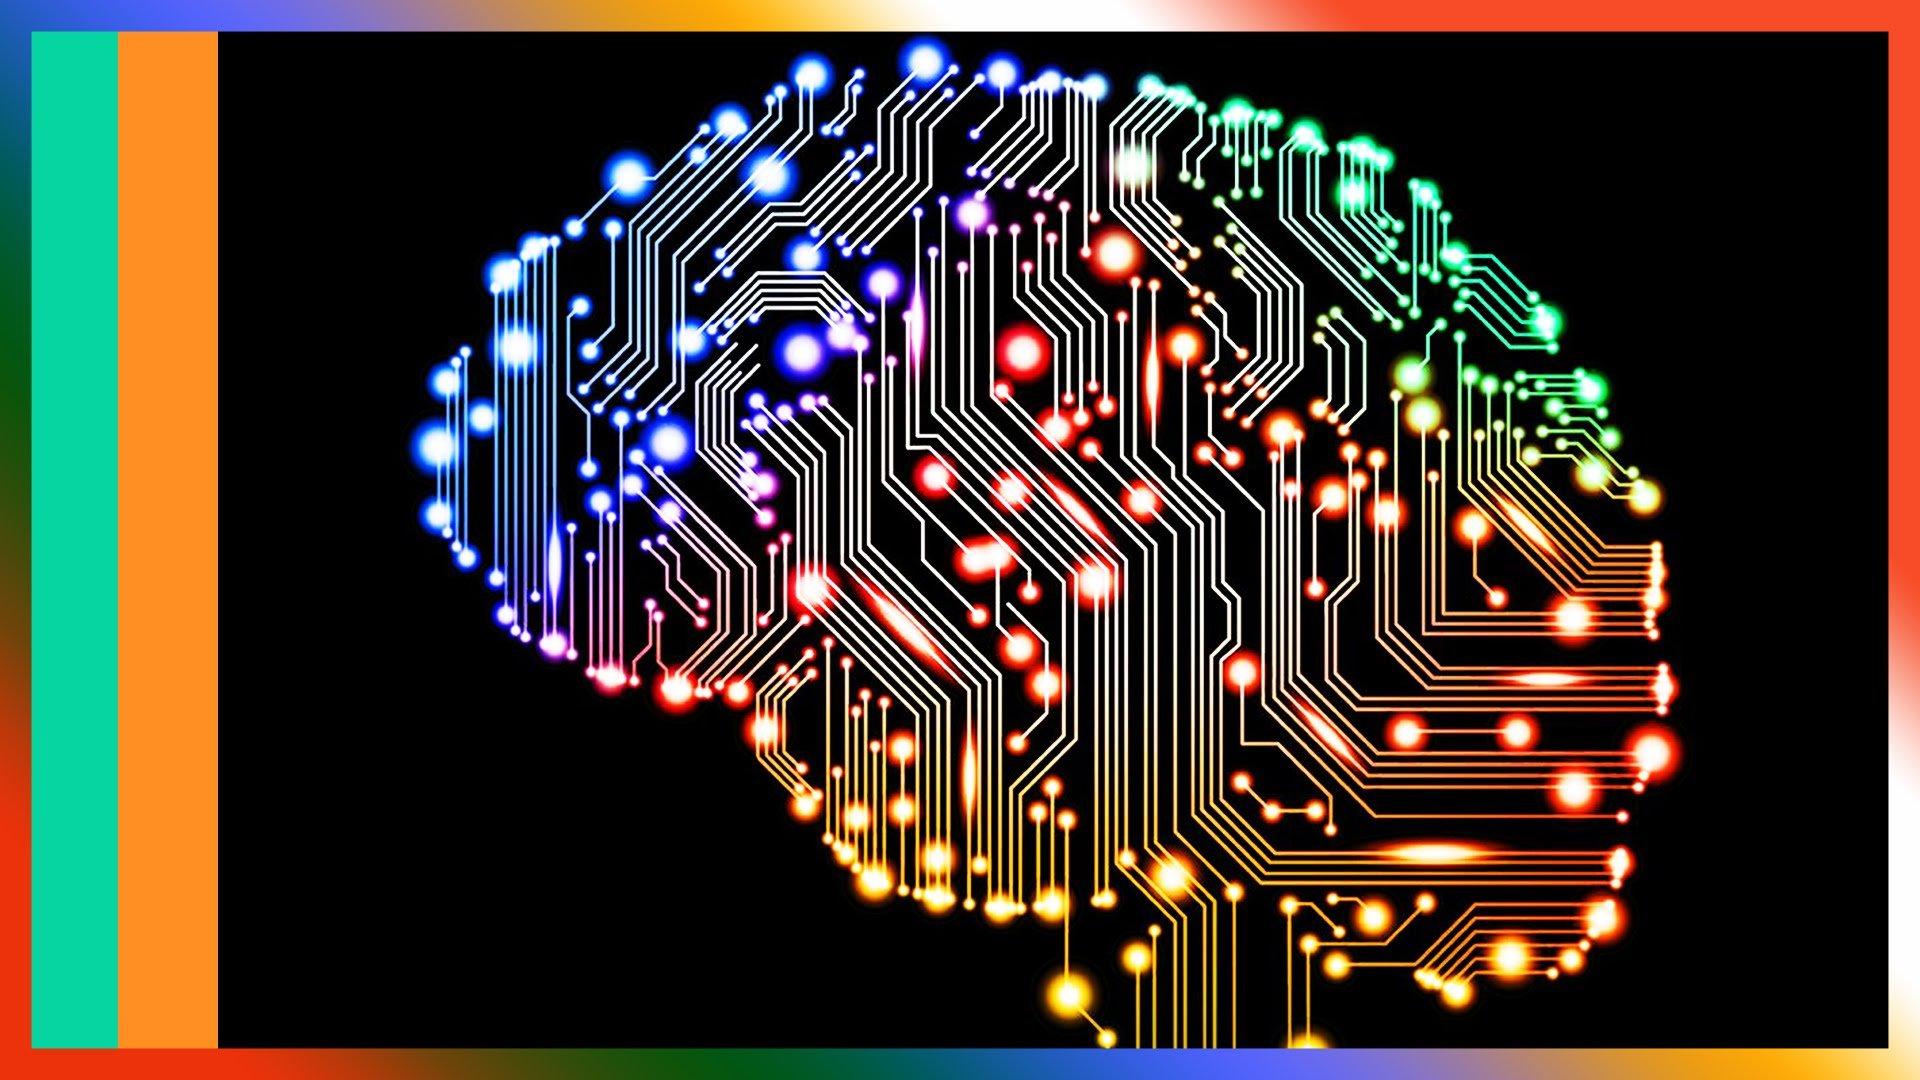 Нейросеть сейчас может создавать миры в3D без сторонней помощи